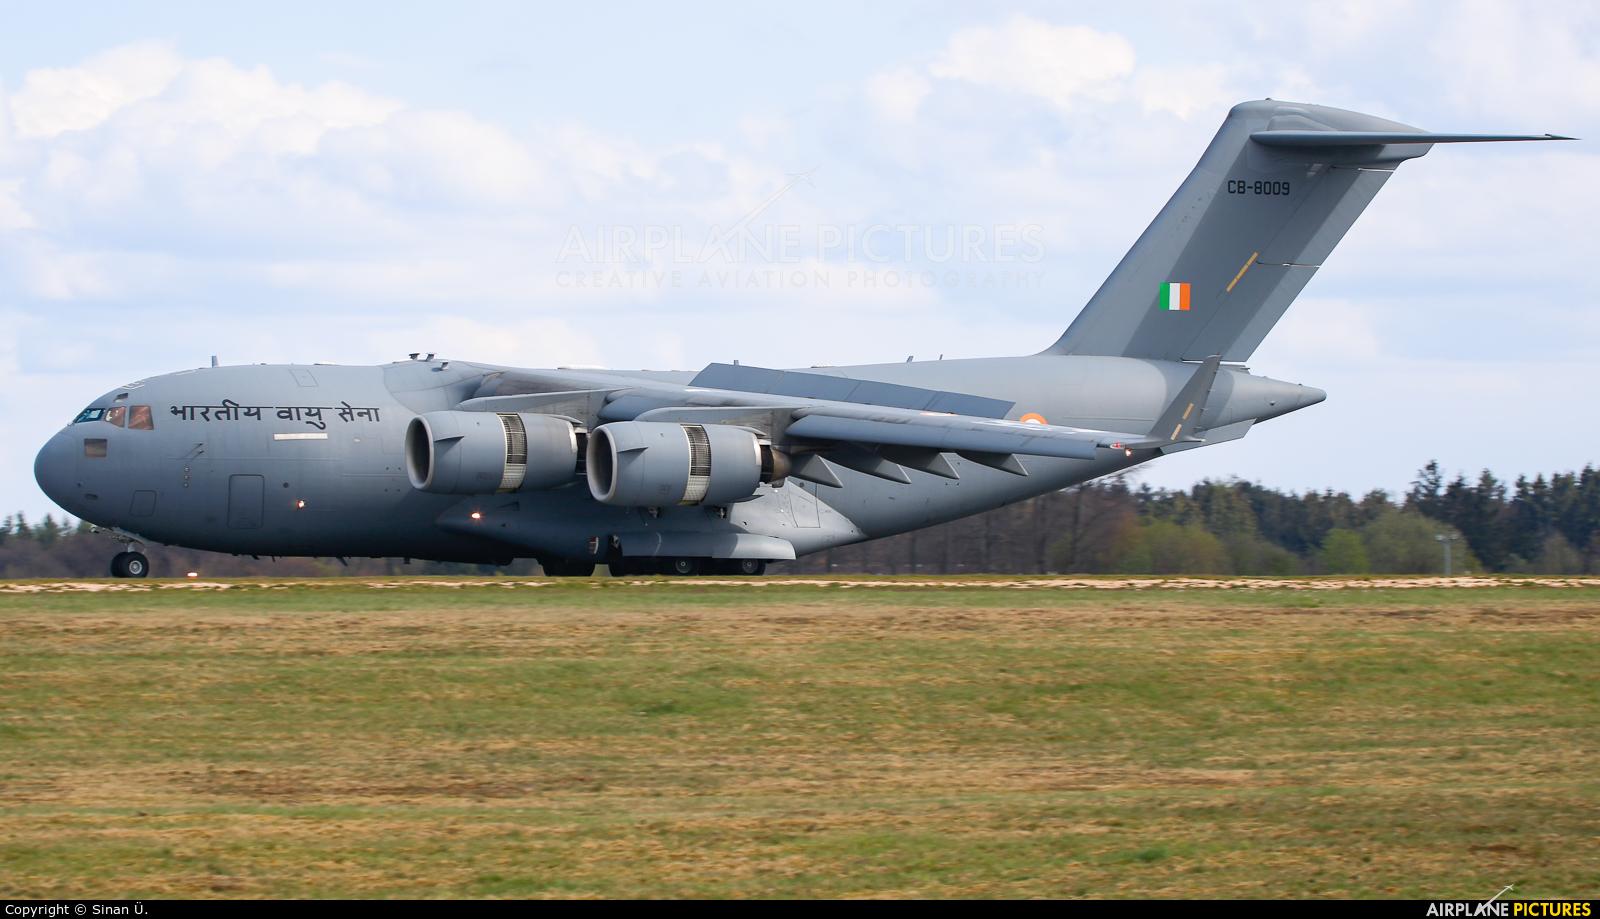 India - Air Force CB-8009 aircraft at Frankfurt - Hahn